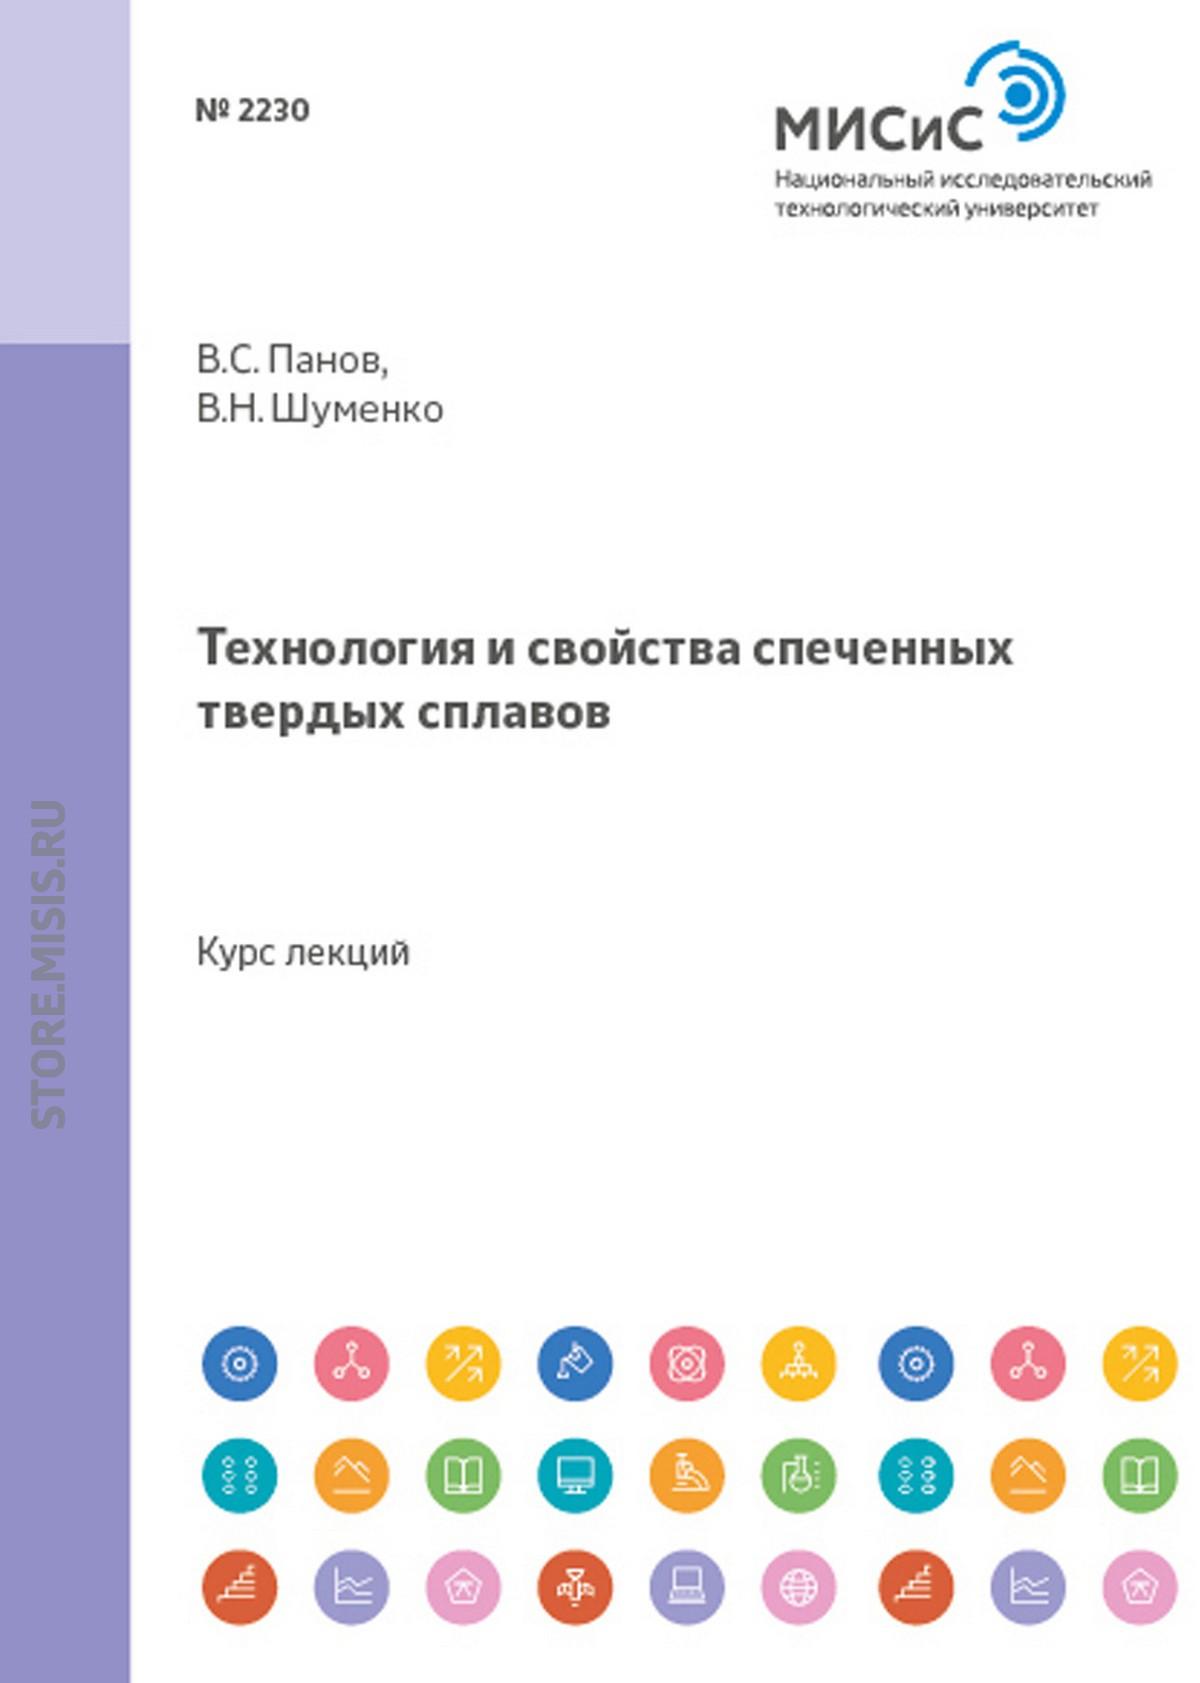 Владимир Шуменко Технология и свойства спеченных твердых сплавов все цены